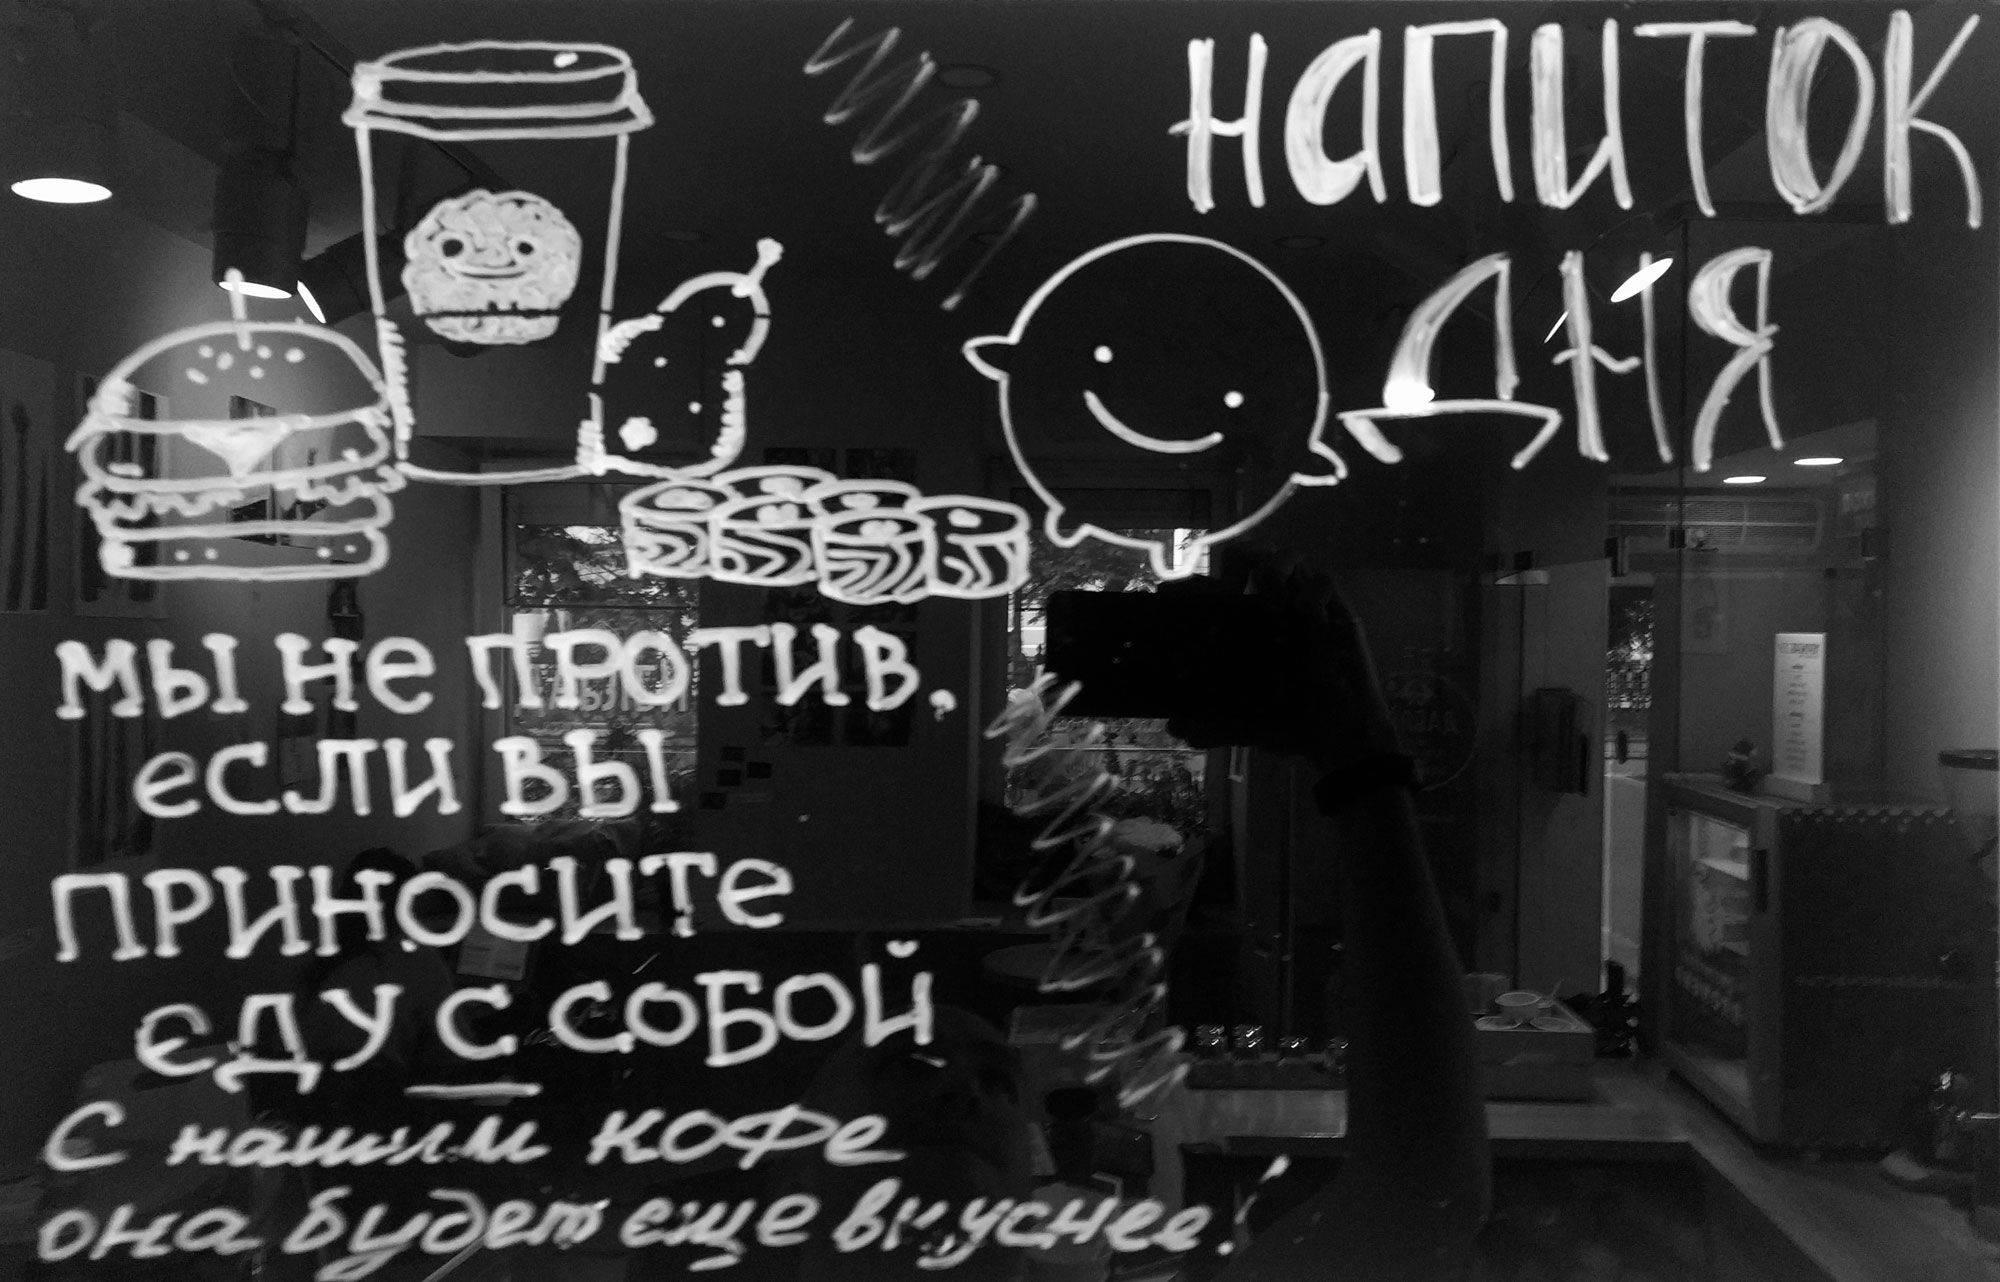 Мы не против, если вы приносите еду с собой. Вот такое предложение для всех посетителей кофейни Дабл Би Неглинная.